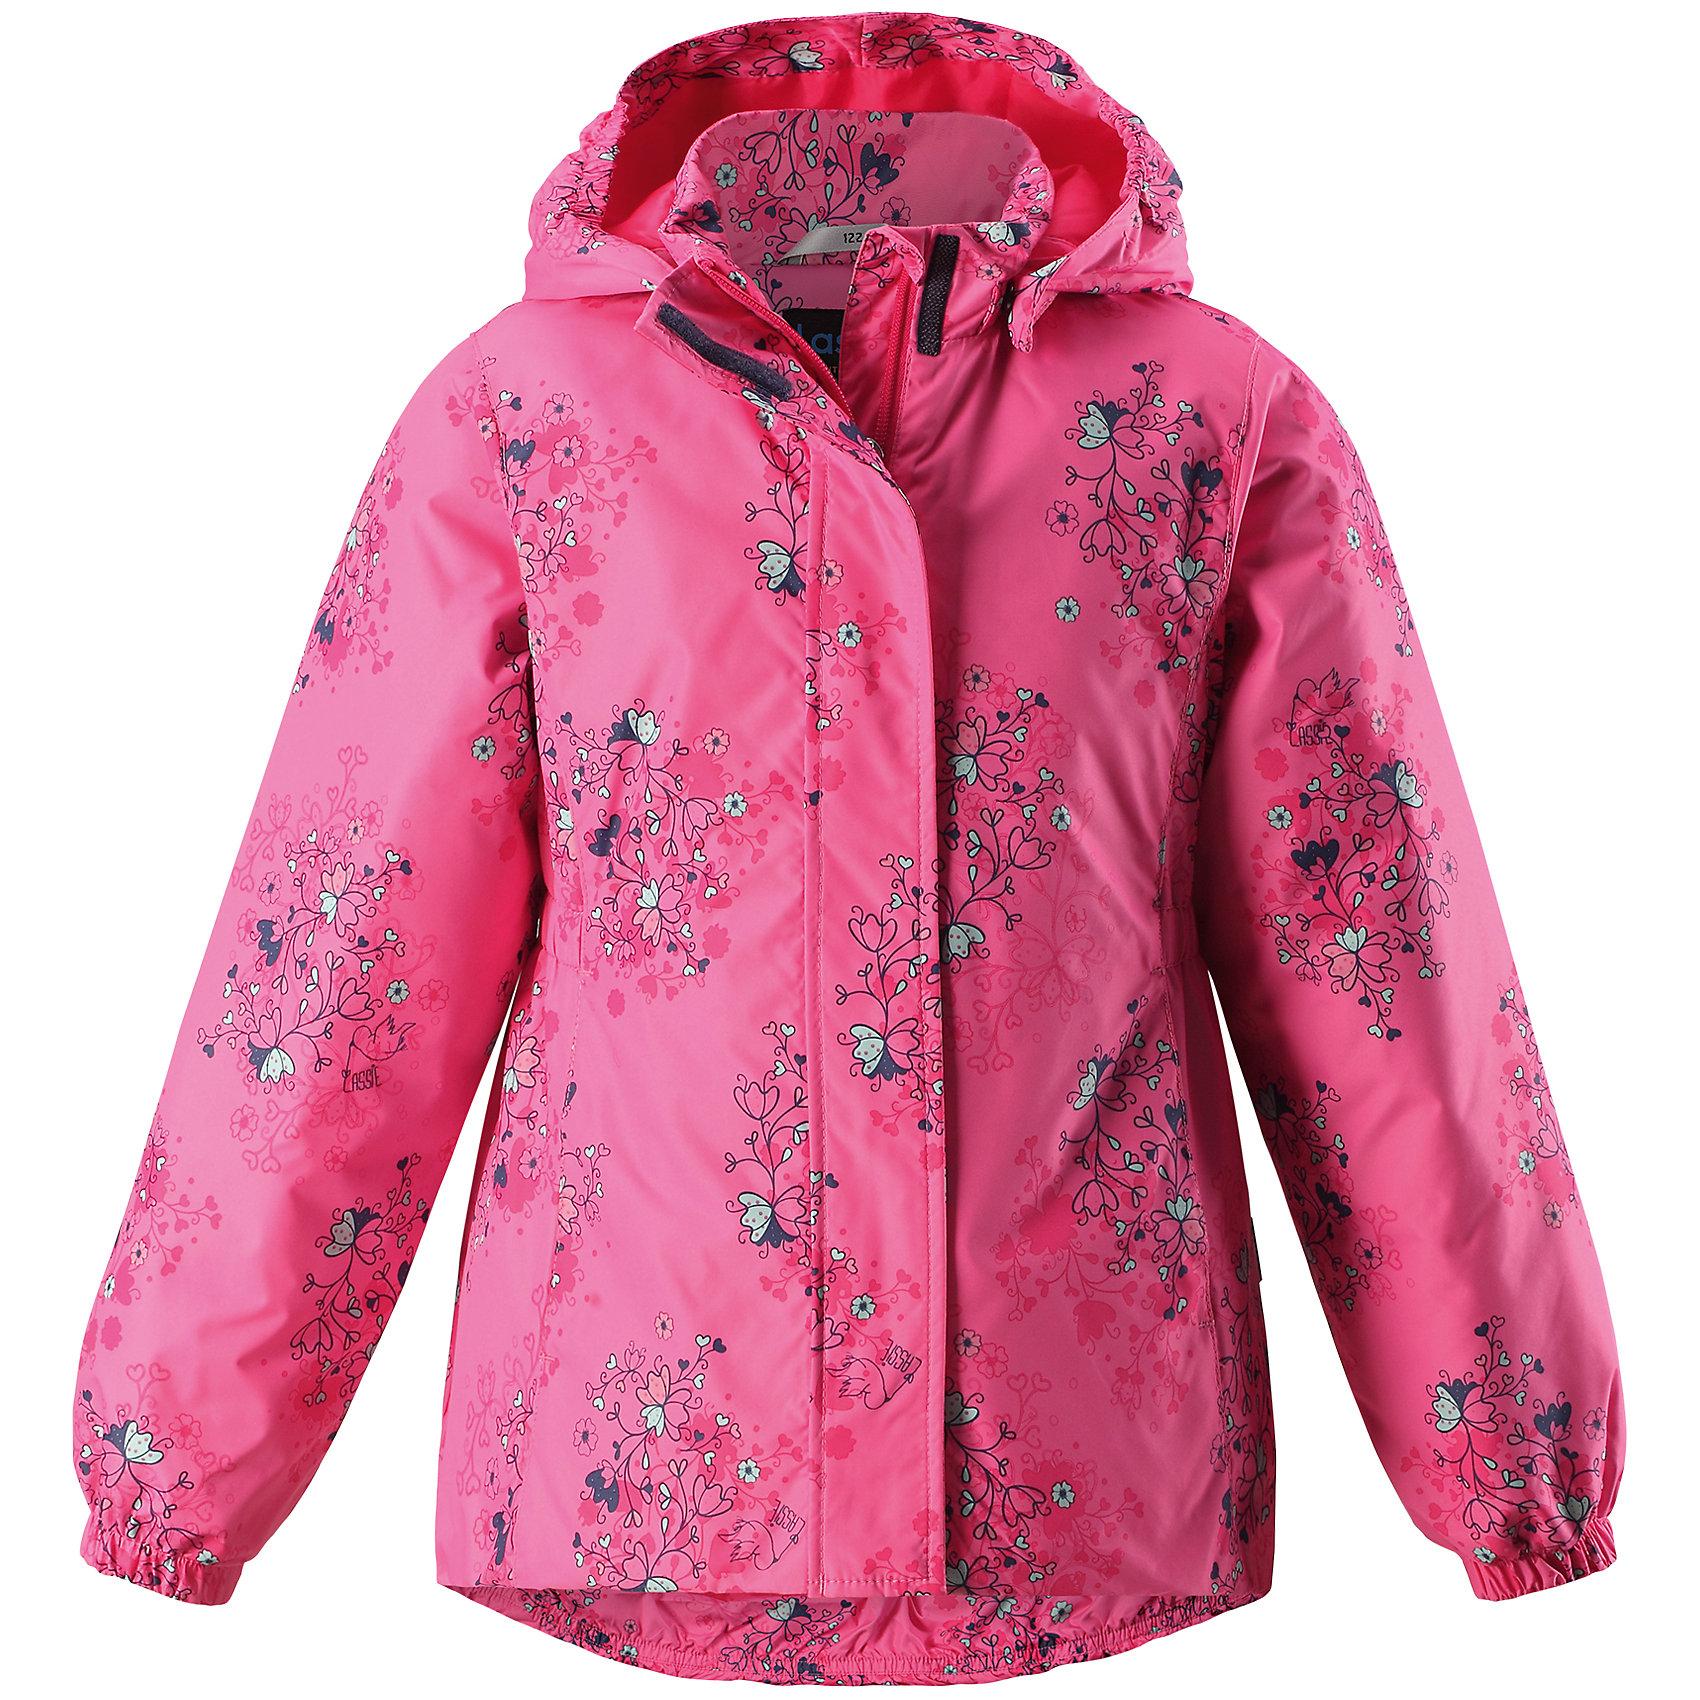 Куртка  для девочки LASSIEОдежда<br>Куртка  для девочки LASSIE<br>Состав:<br>100% Полиэстер, полиуретановое покрытие<br> Куртка для детей.<br> Водоотталкивающий, ветронепроницаемый и «дышащий» материал.<br> Крой для девочек.<br> Гладкая подкладка из полиэстра.<br> Легкая степень утепления.<br> Безопасный, съемный капюшон.<br> Эластичные манжеты.<br> Эластичная талия.<br> Эластичная кромка подола.<br> Карманы в боковых швах.<br><br>Ширина мм: 356<br>Глубина мм: 10<br>Высота мм: 245<br>Вес г: 519<br>Цвет: розовый<br>Возраст от месяцев: 120<br>Возраст до месяцев: 132<br>Пол: Женский<br>Возраст: Детский<br>Размер: 134,98,104,140,128,122,116,110,92<br>SKU: 5264970